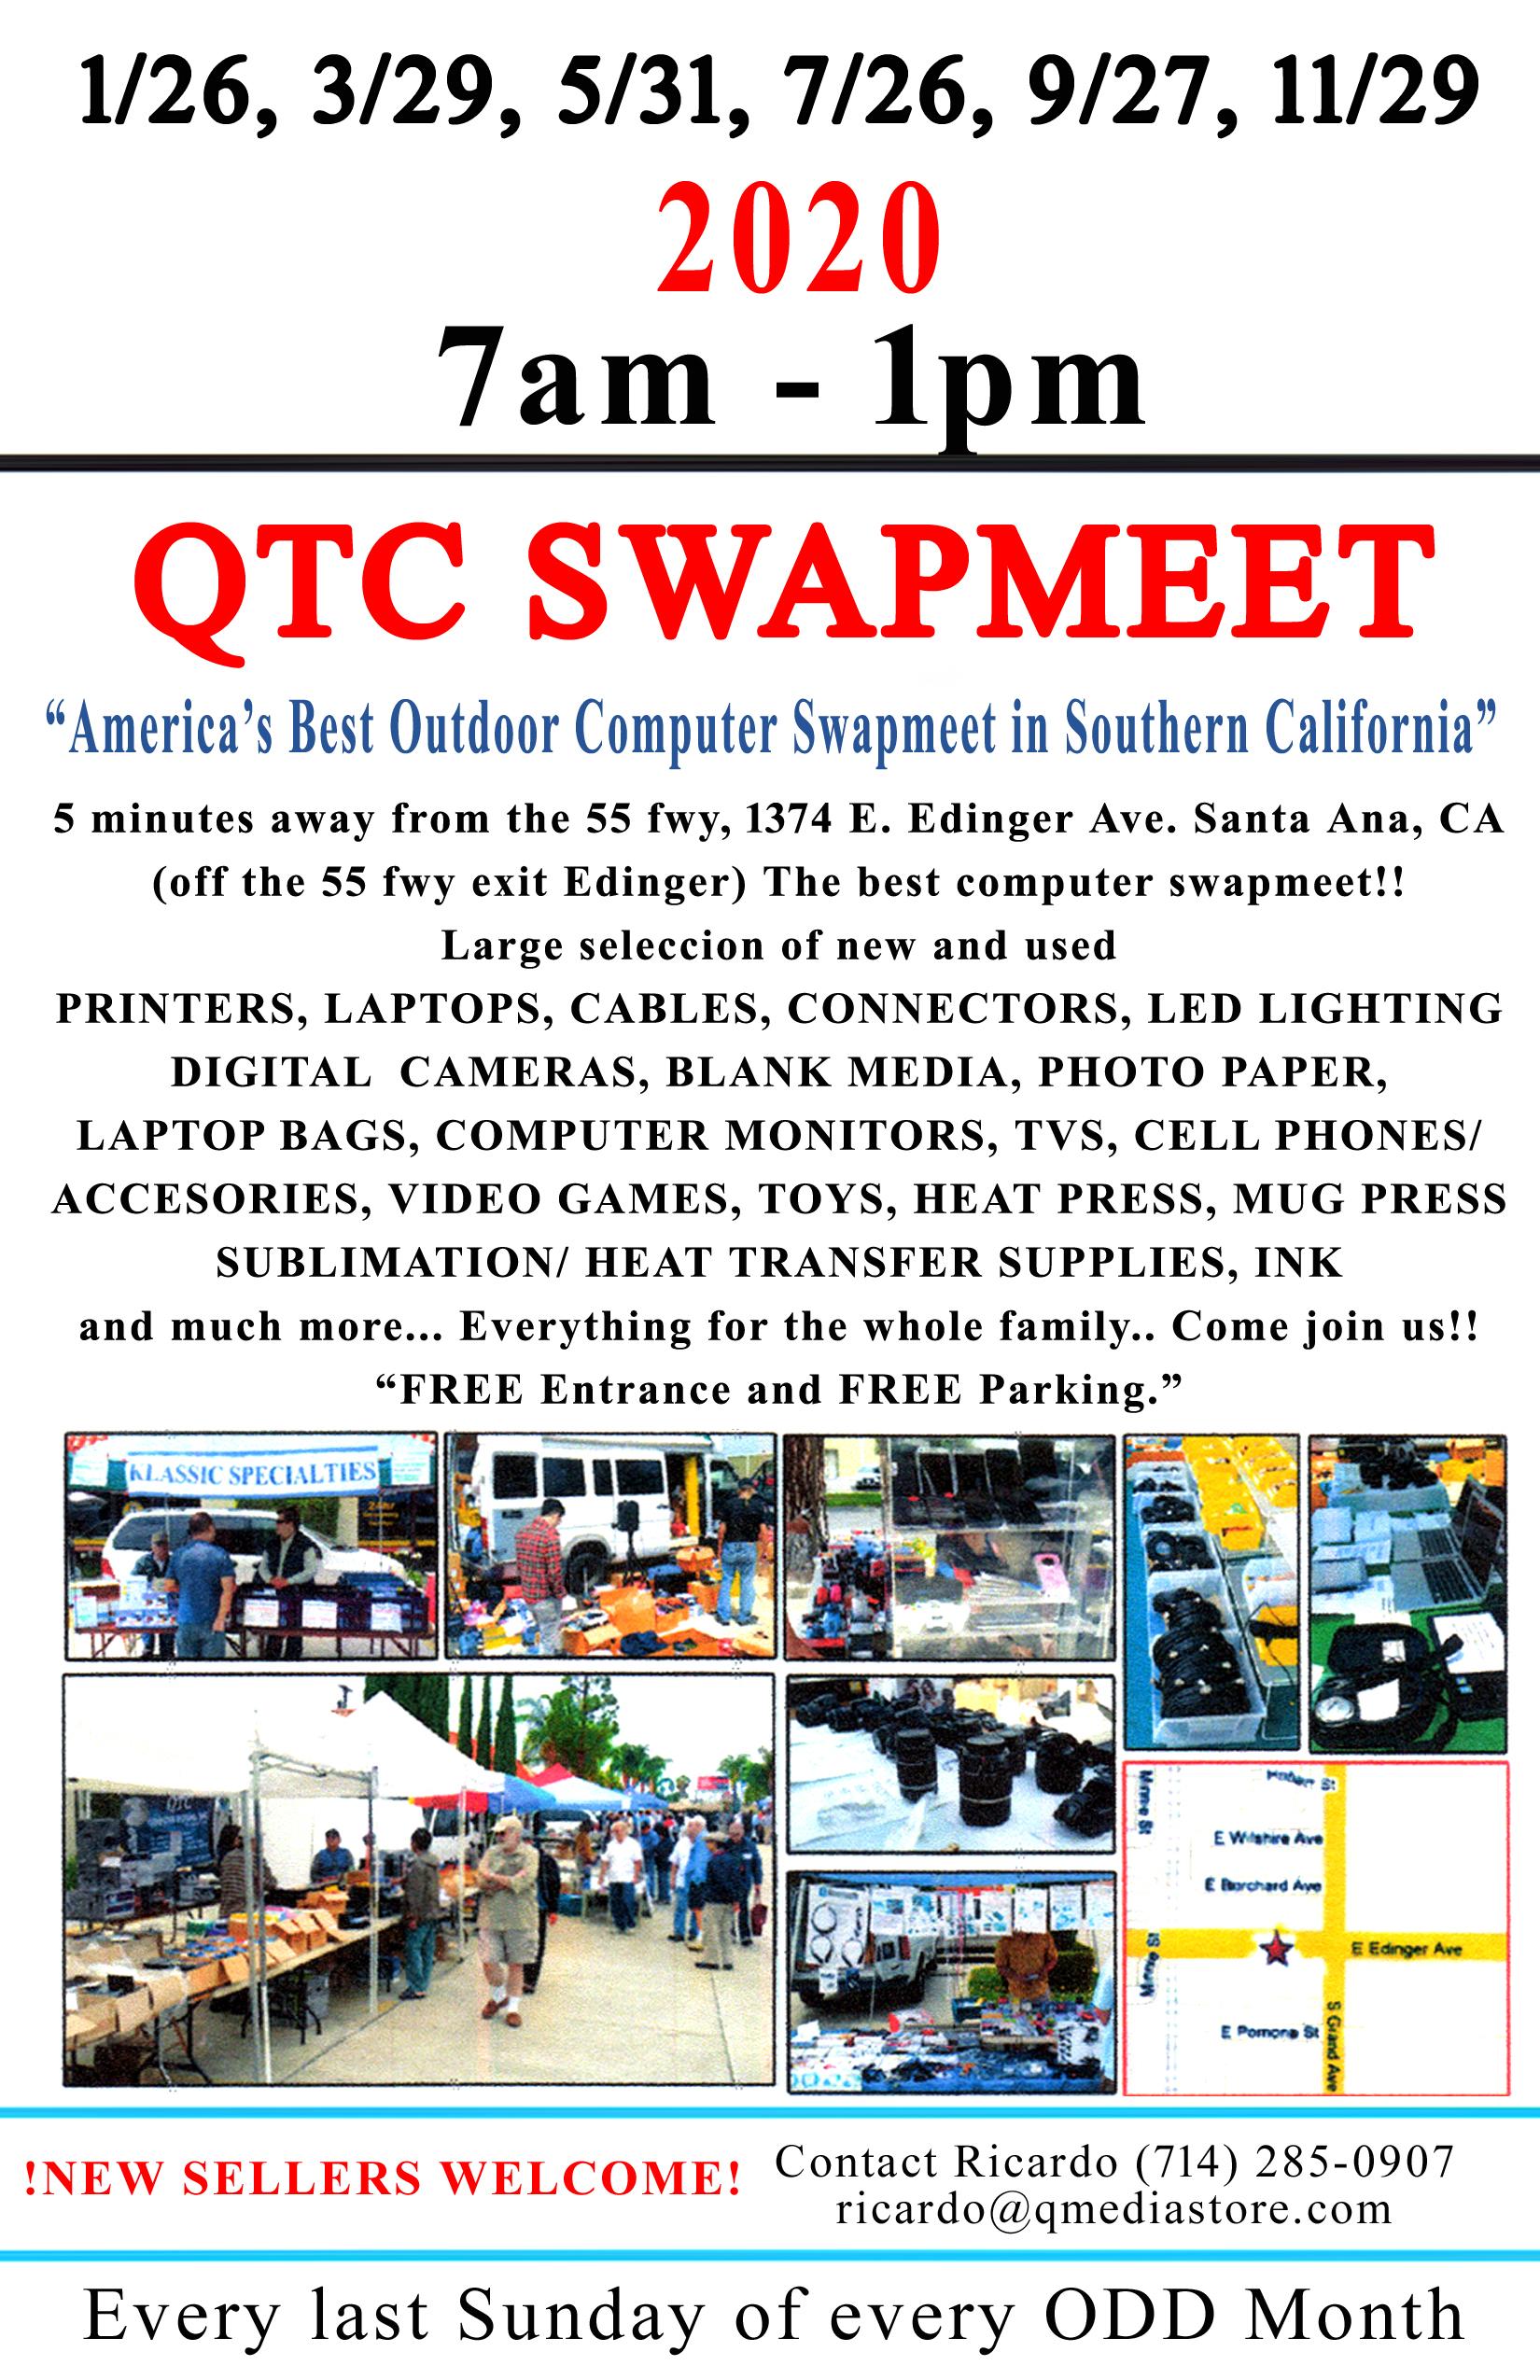 swapmeet-flyer-copy.jpg